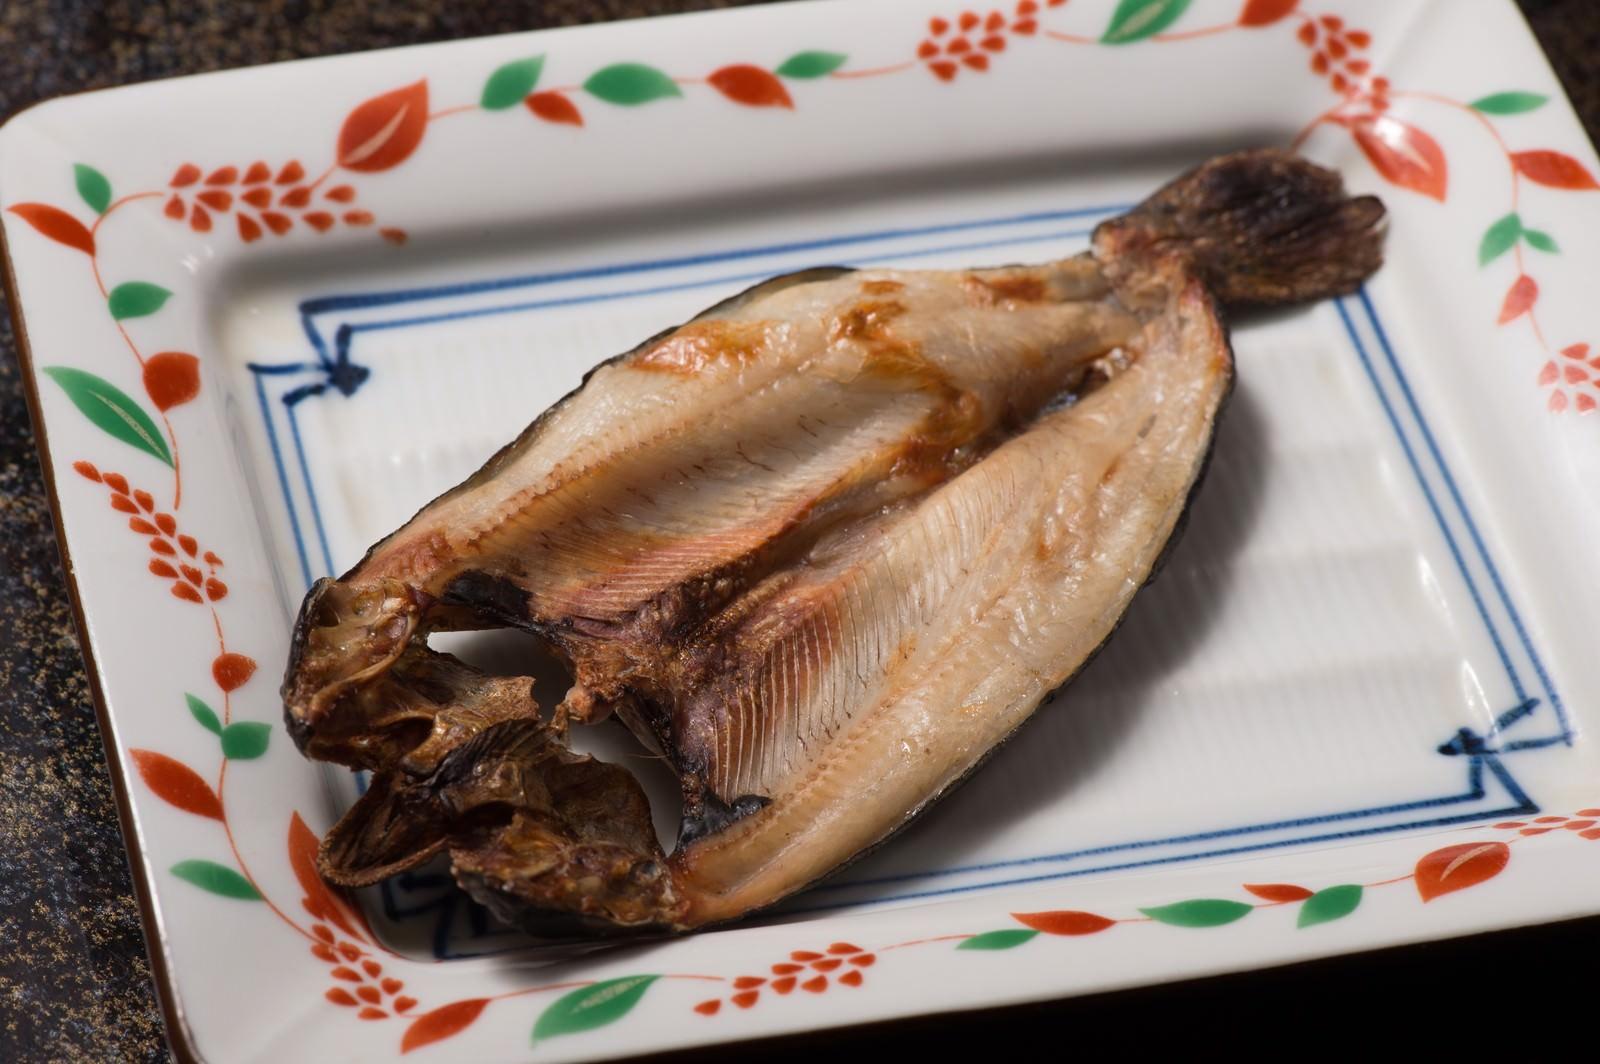 「うす塩味のニジマスの干物」の写真